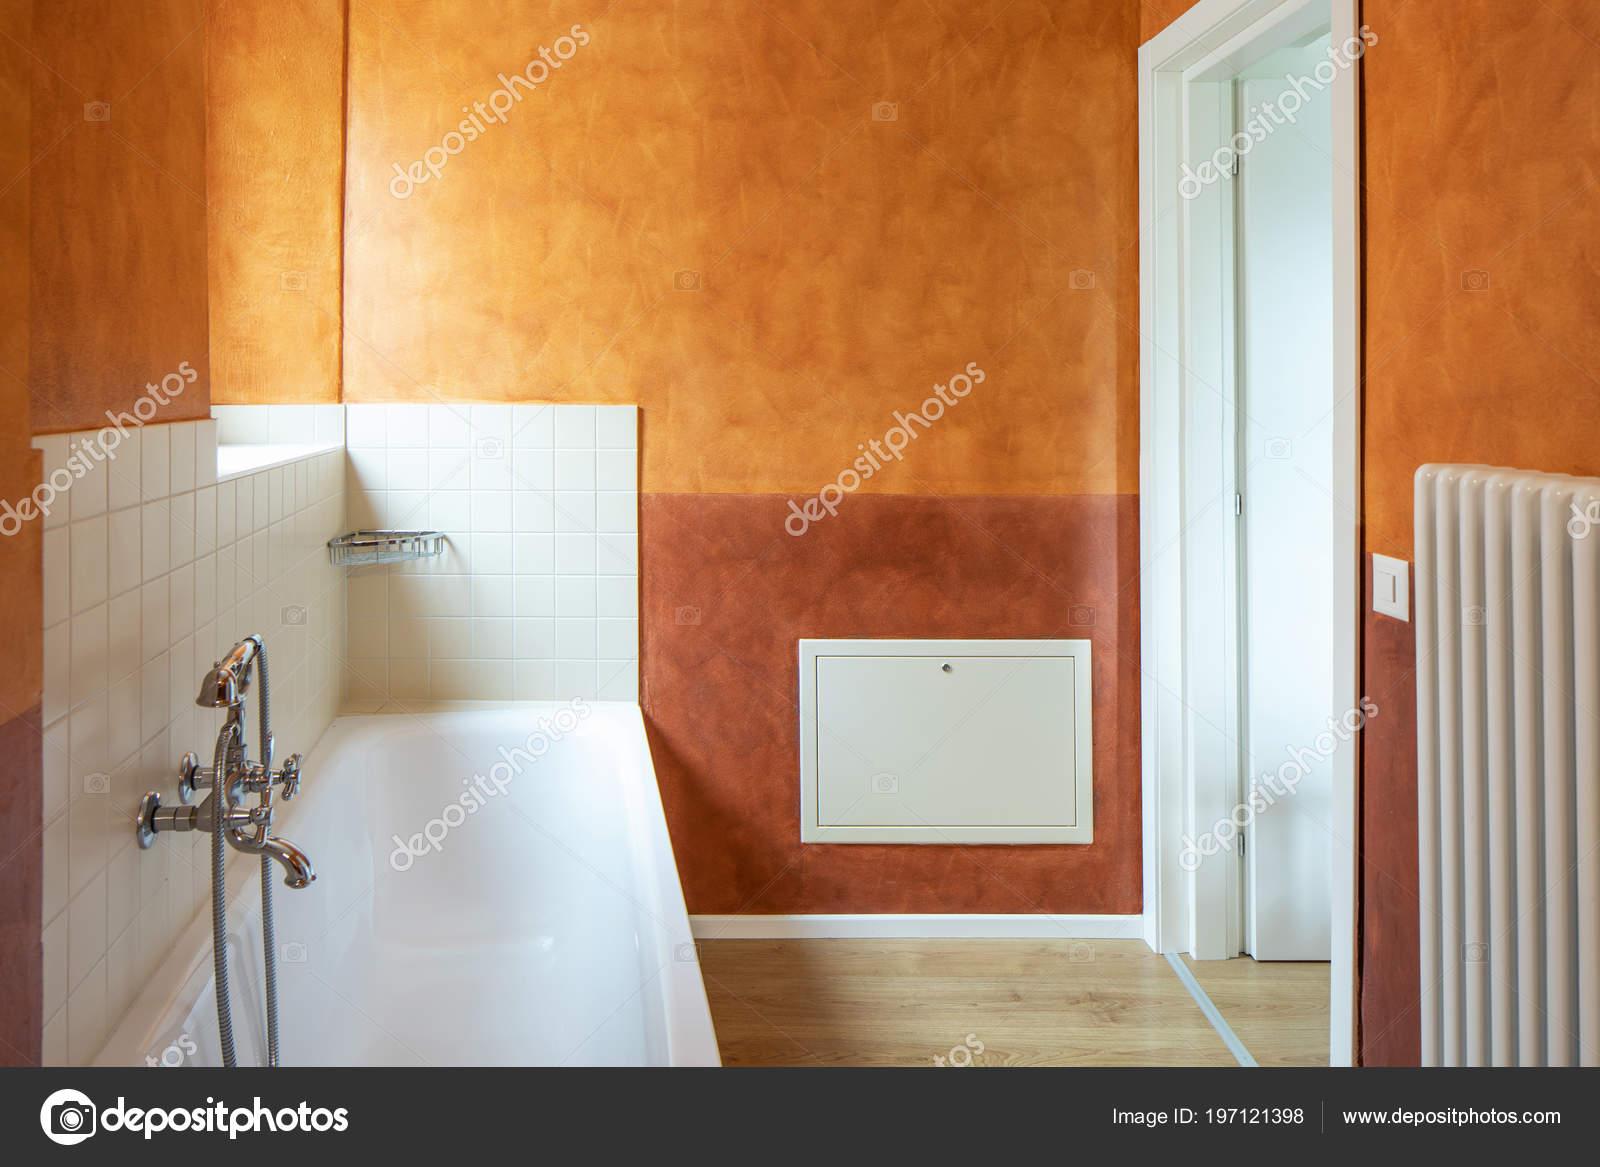 Bagno con finiture moderne pareti color arancio nessuno all